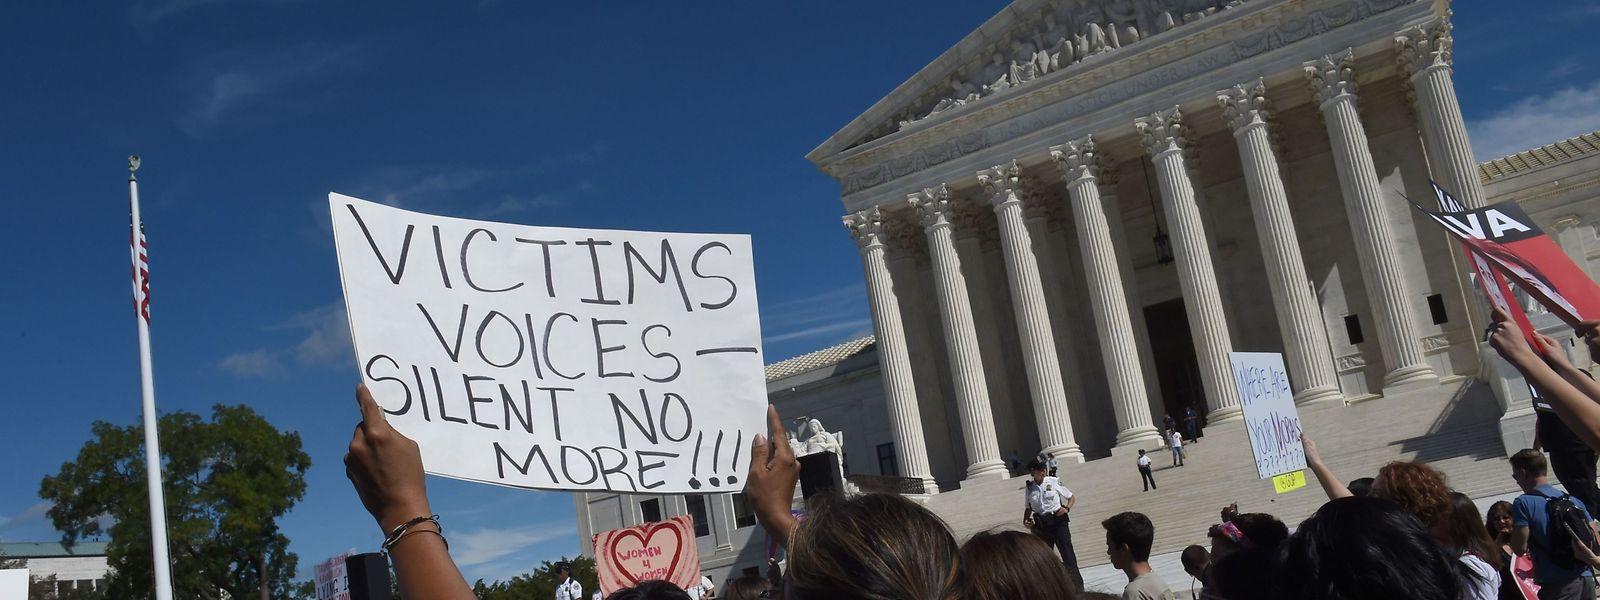 Erneut hatten sich am Freitag hunderte von Demonstranten vor dem Senat eingefunden, um gegen die Nominierung Kavanaughs zu protestieren.